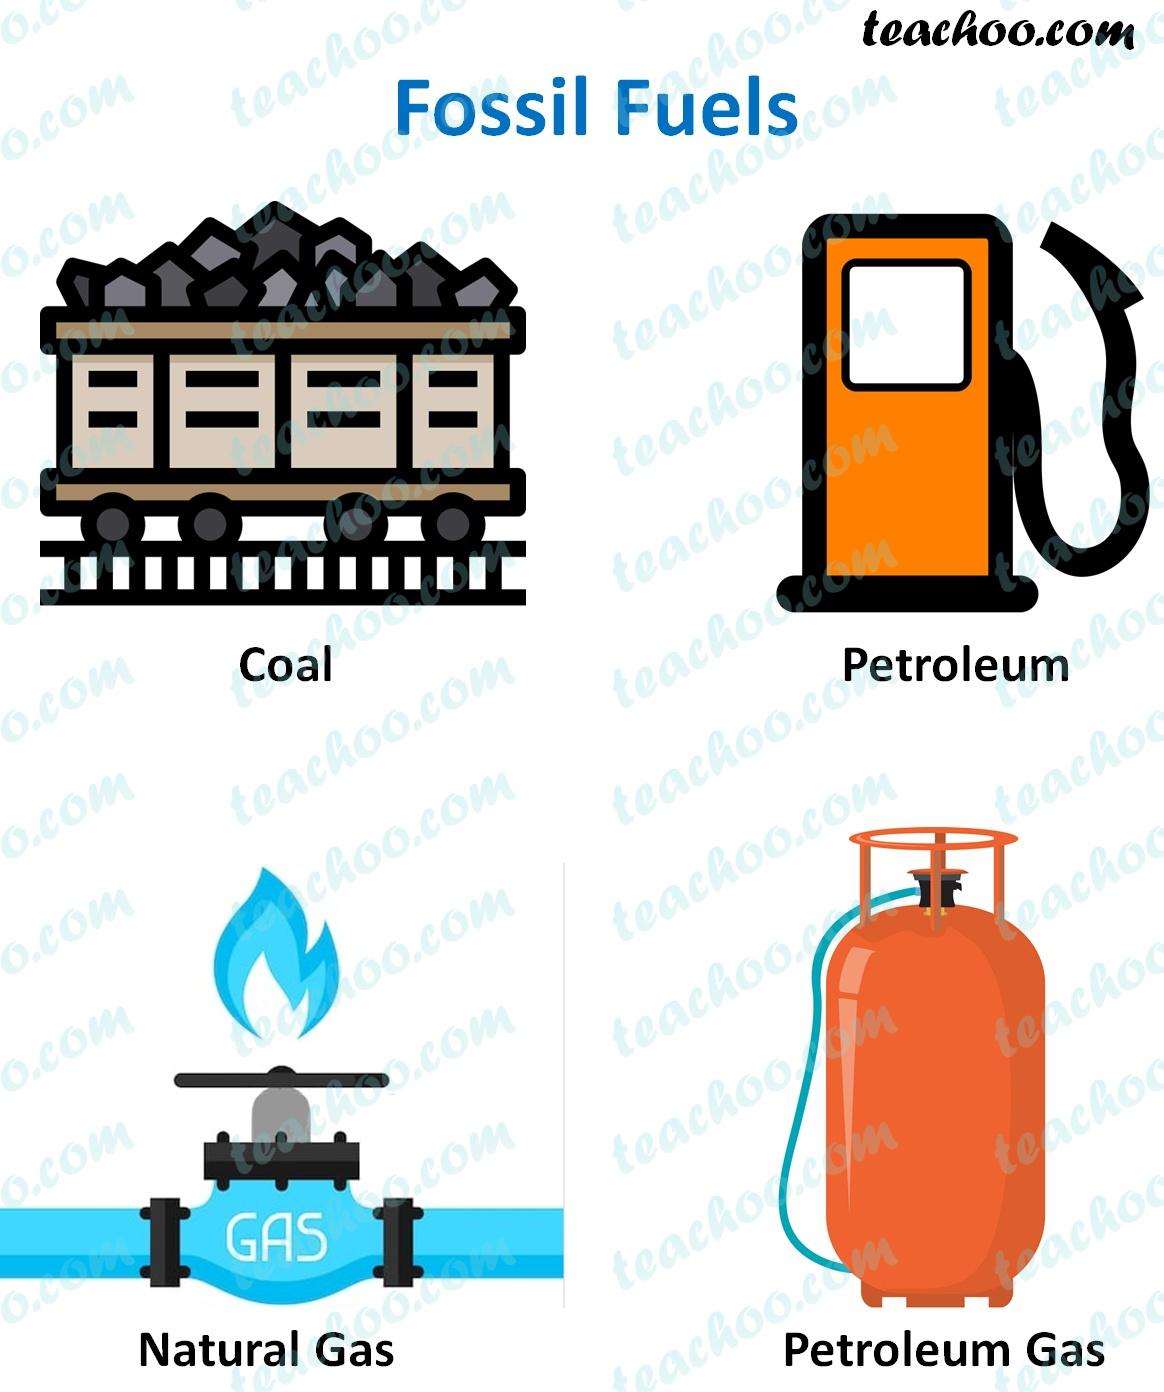 fossil-fuels---teachoo.jpg